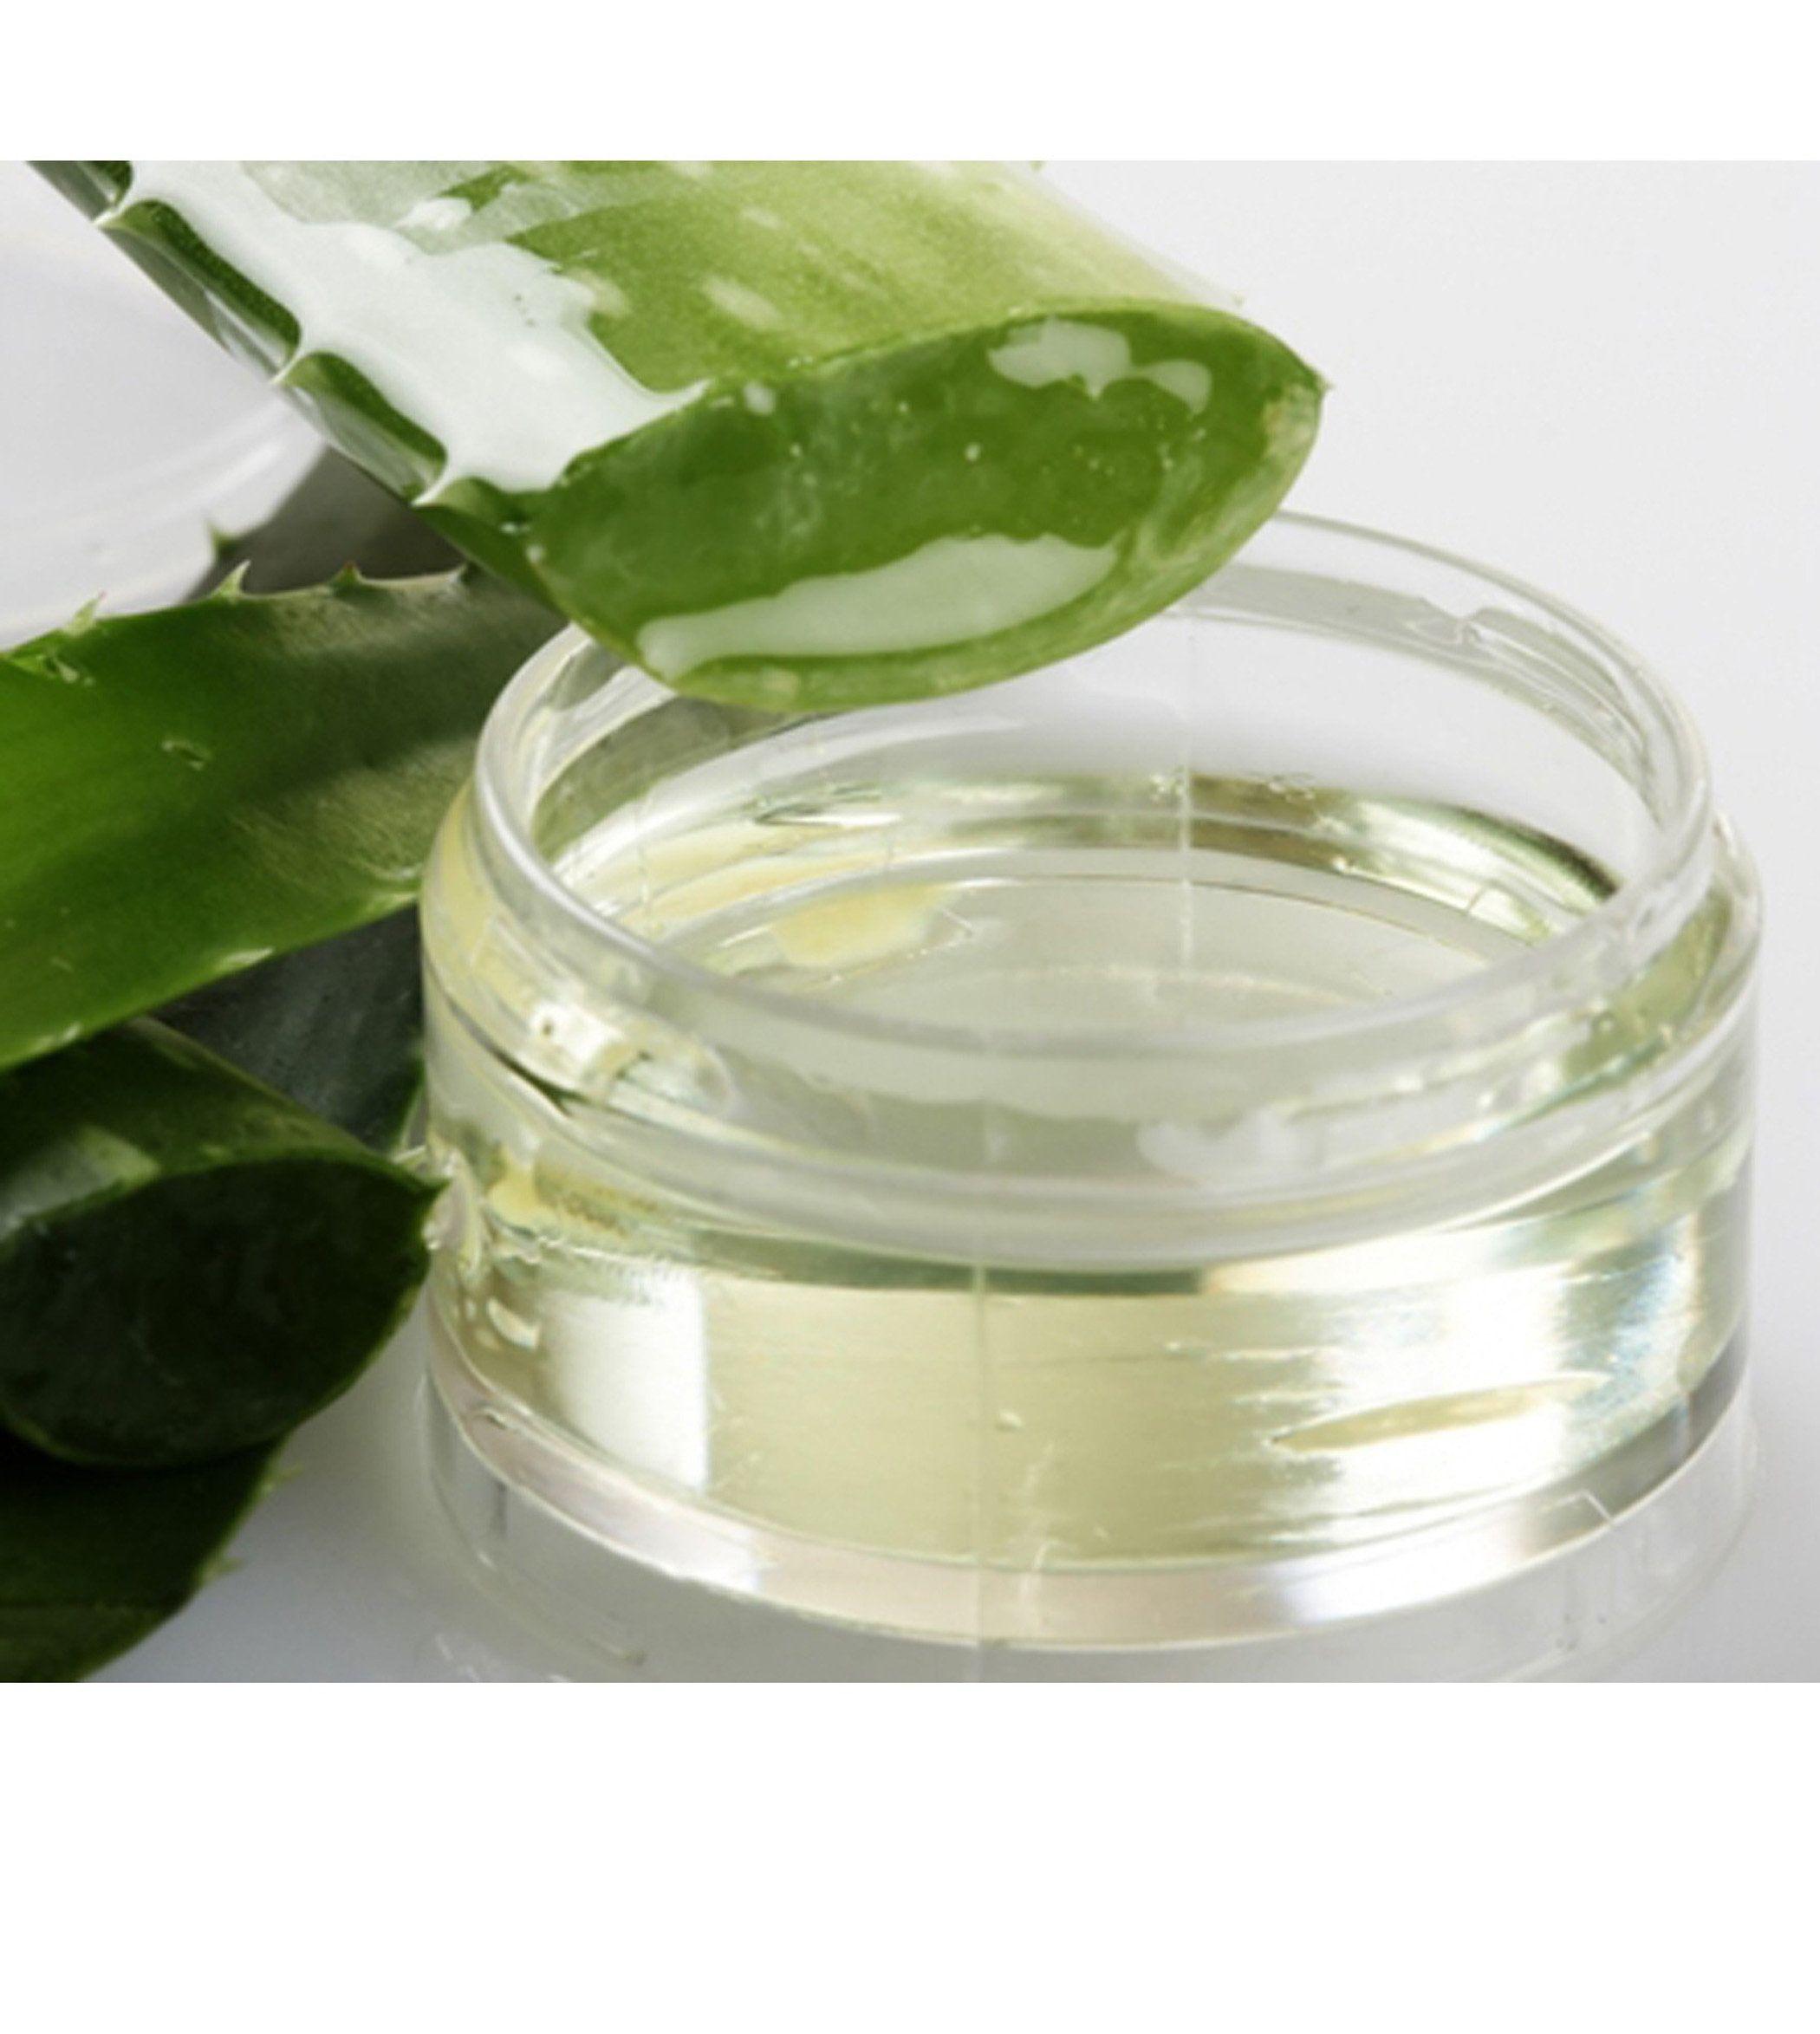 Tout naturel, gel d'Aloe Vera biologique 99%, 4 oz avec livraison intérieure gratuite   – Easter!